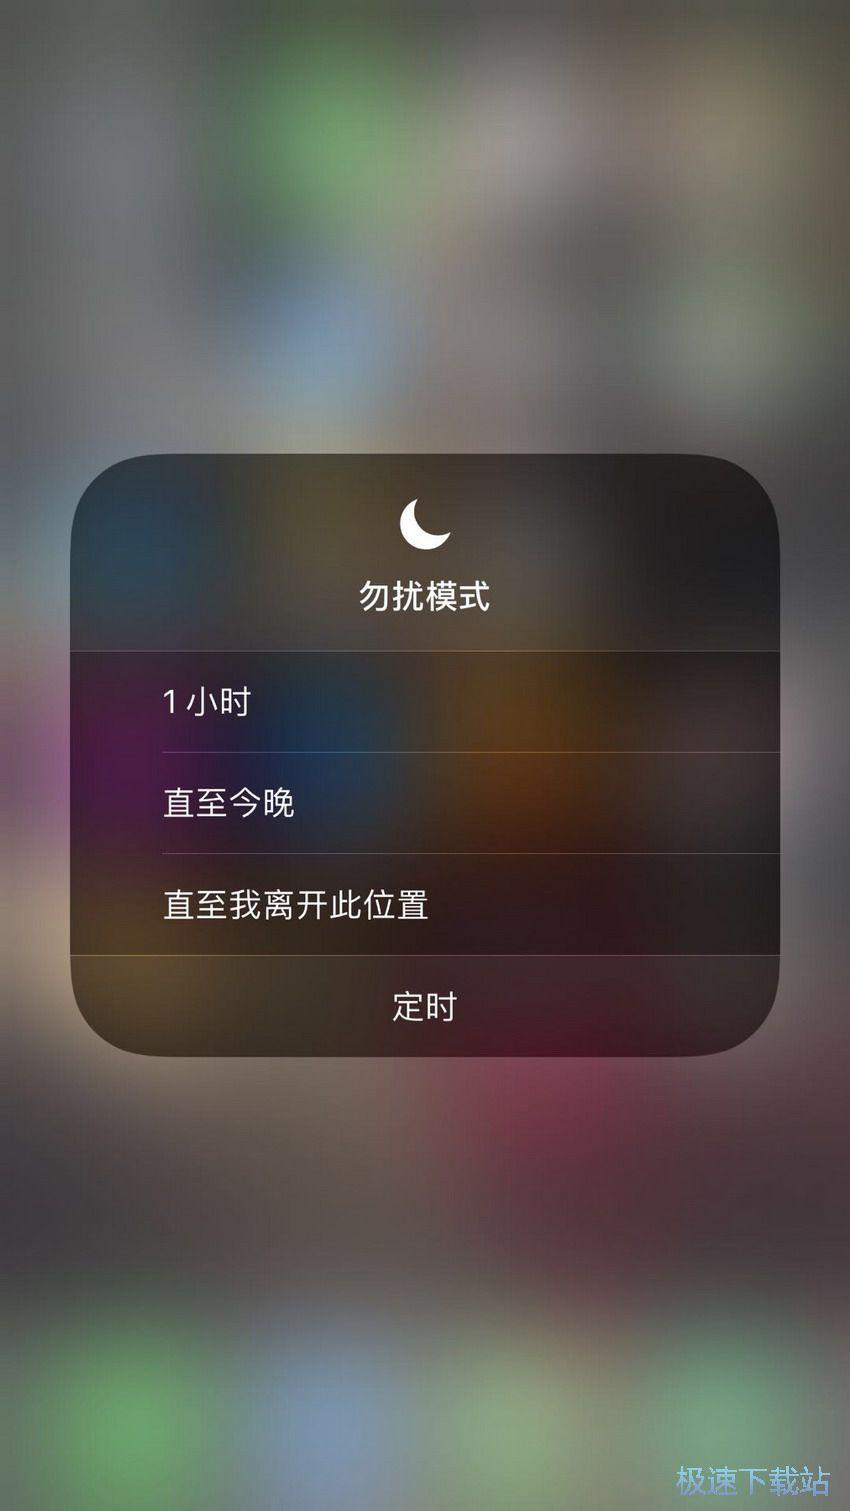 图:微信推送消息延迟